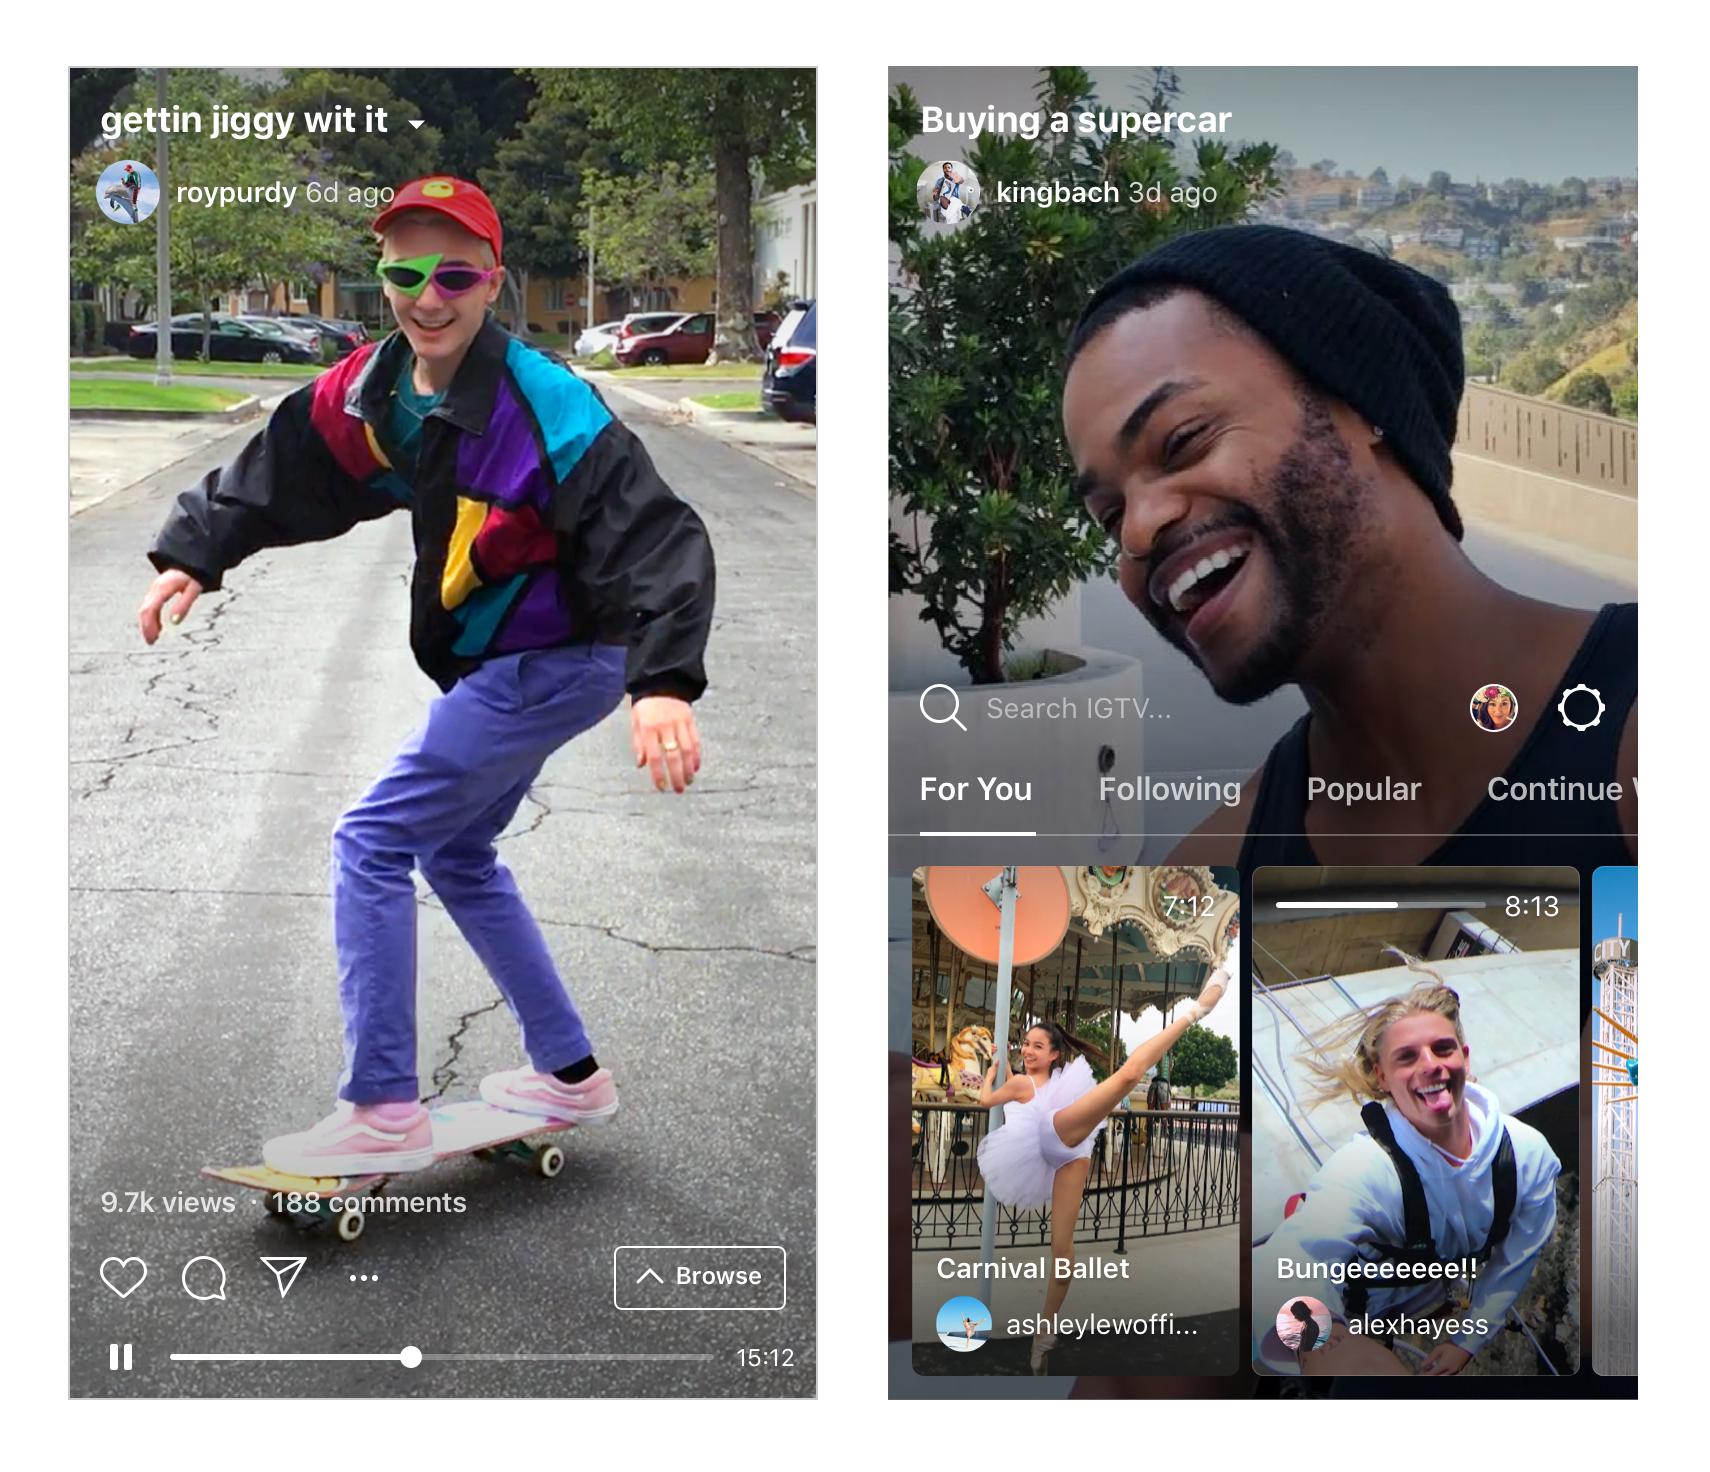 Todo lo que necesita saber sobre IGTV, la nueva aplicación de video de Longform de Instagram